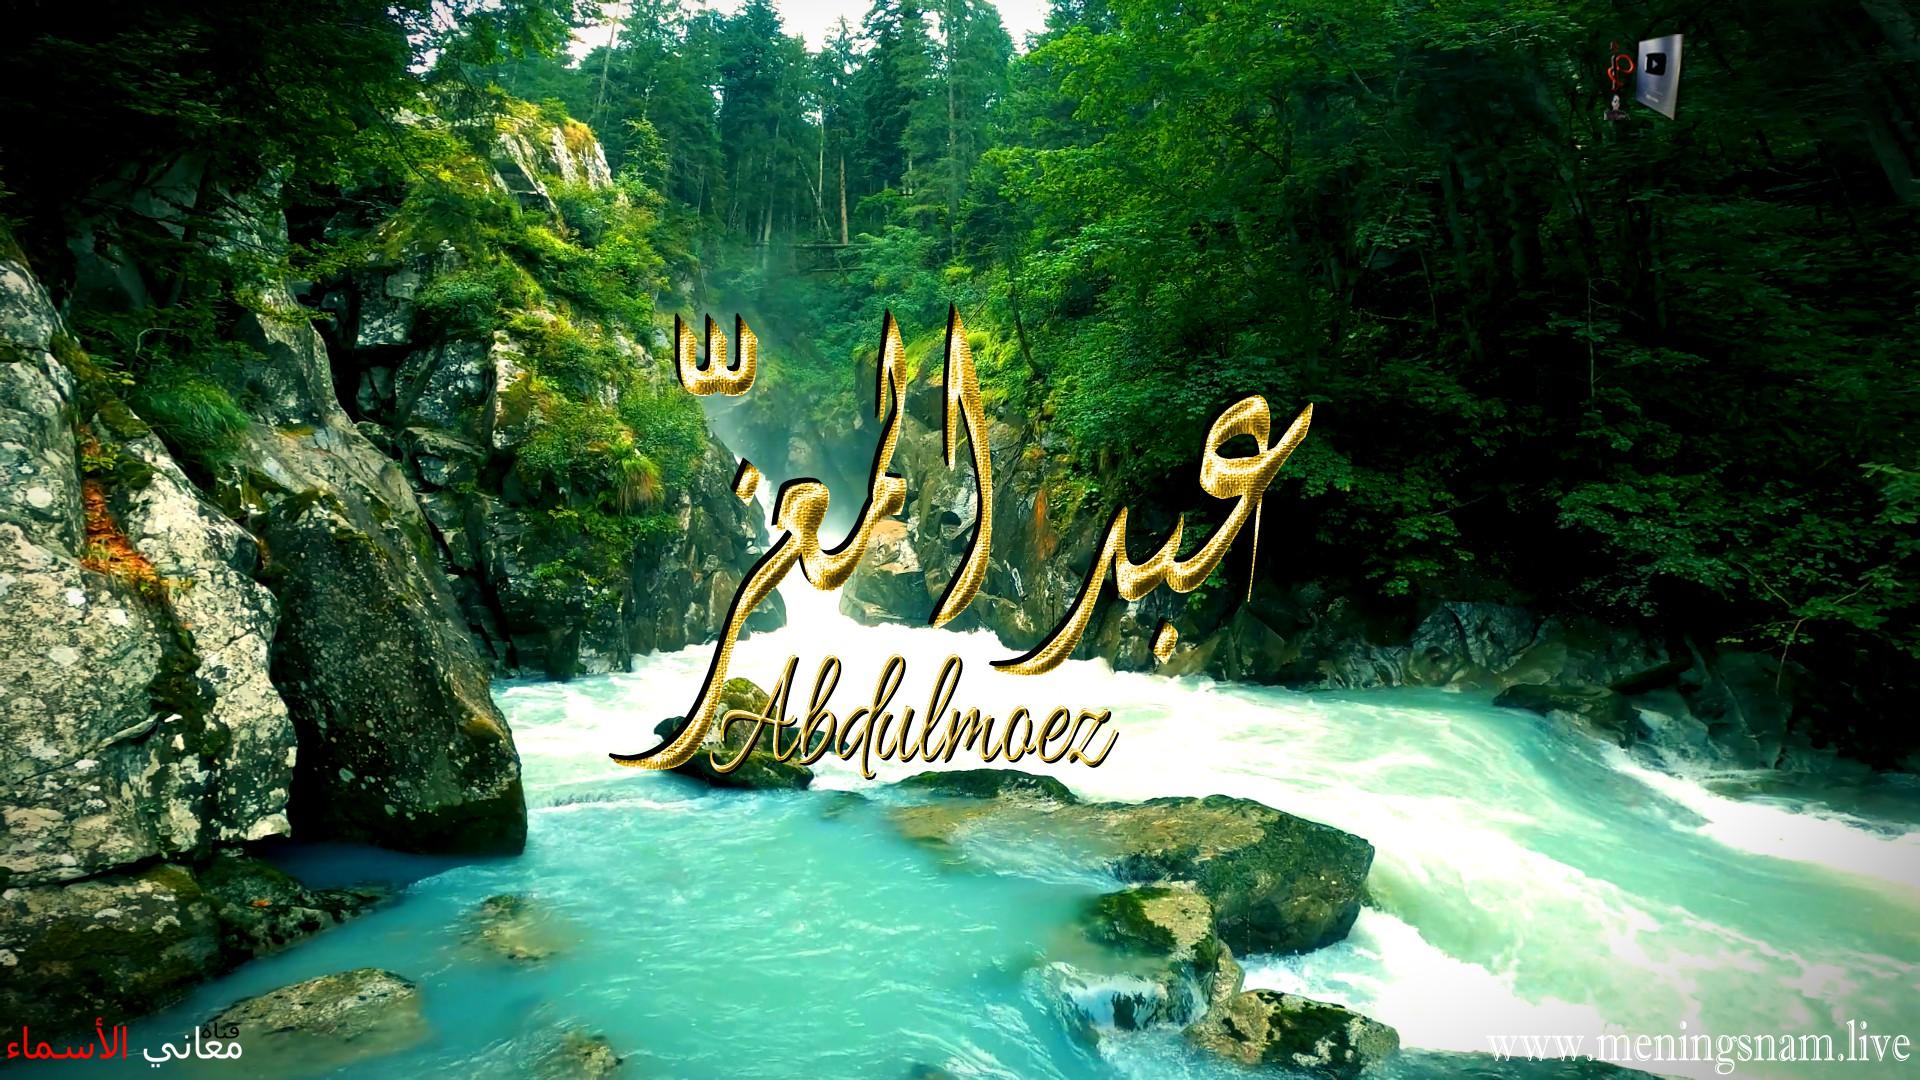 معنى اسم عبد المعز وصفات حامل هذا الاسم Abdulmoez